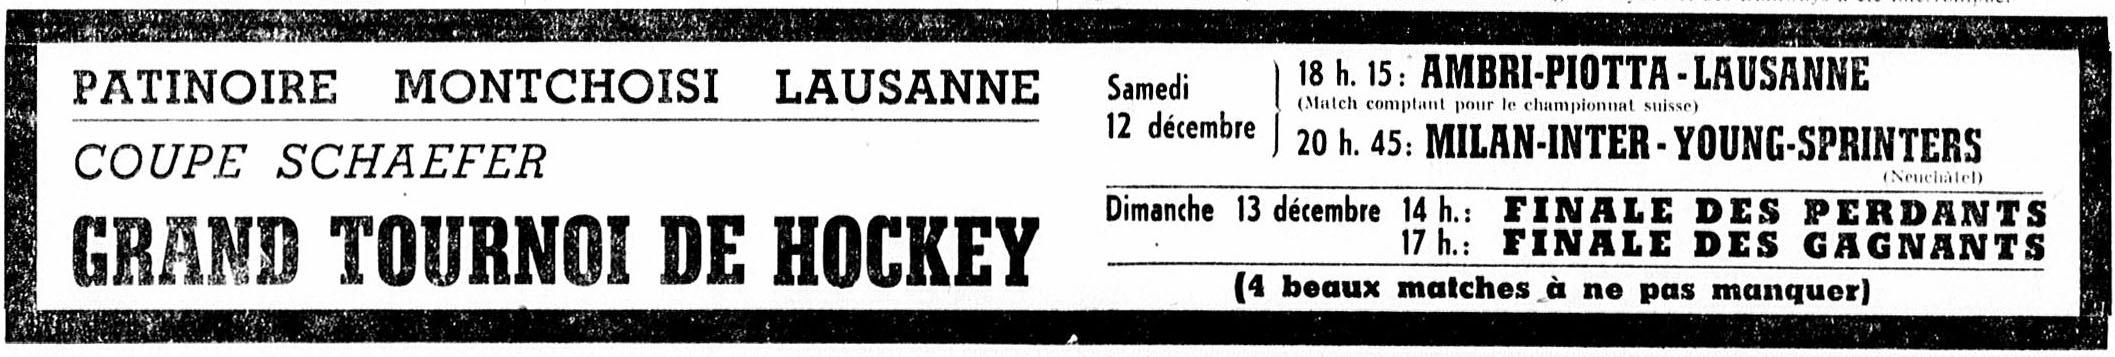 Le Matin - Tribune de Lausanne_19531212_5.jpg